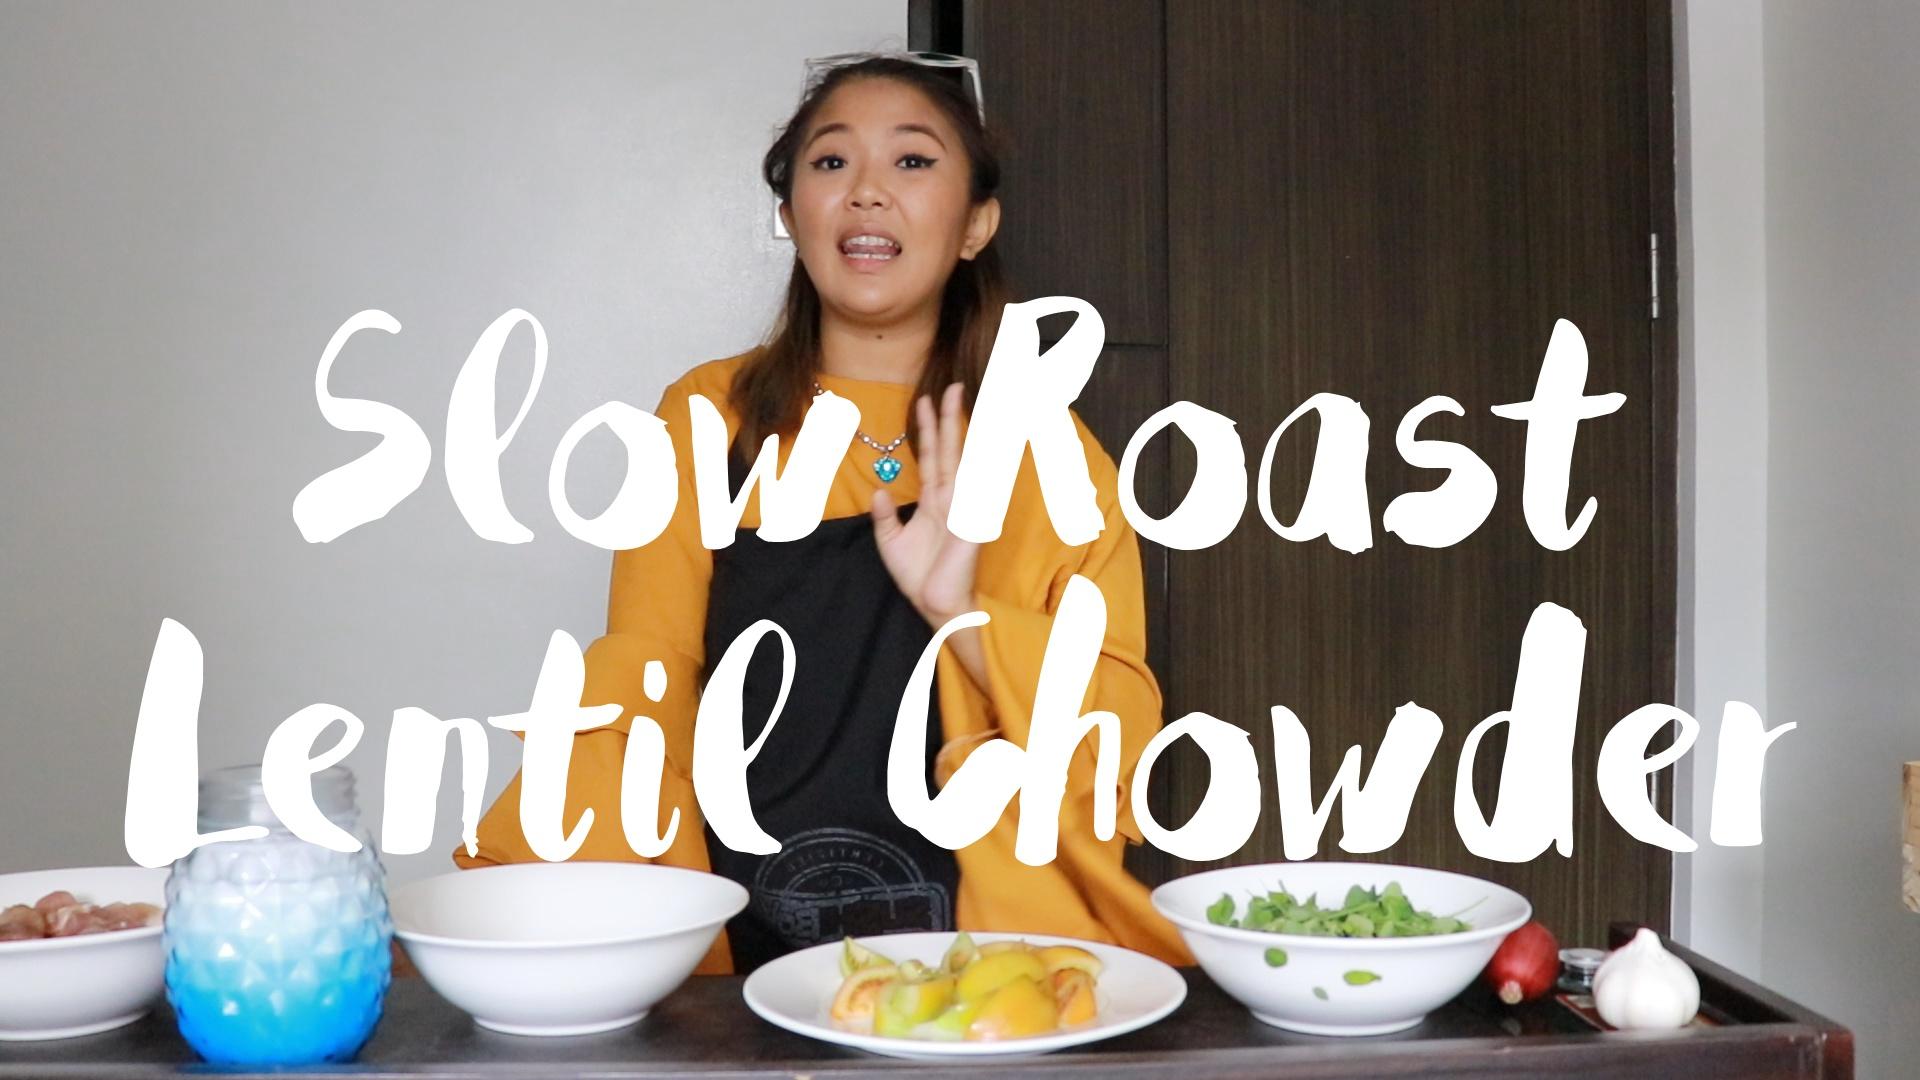 Rich Girl Vlogs # 2: Let's Cook! (Slow Roast Lentil Chowder)